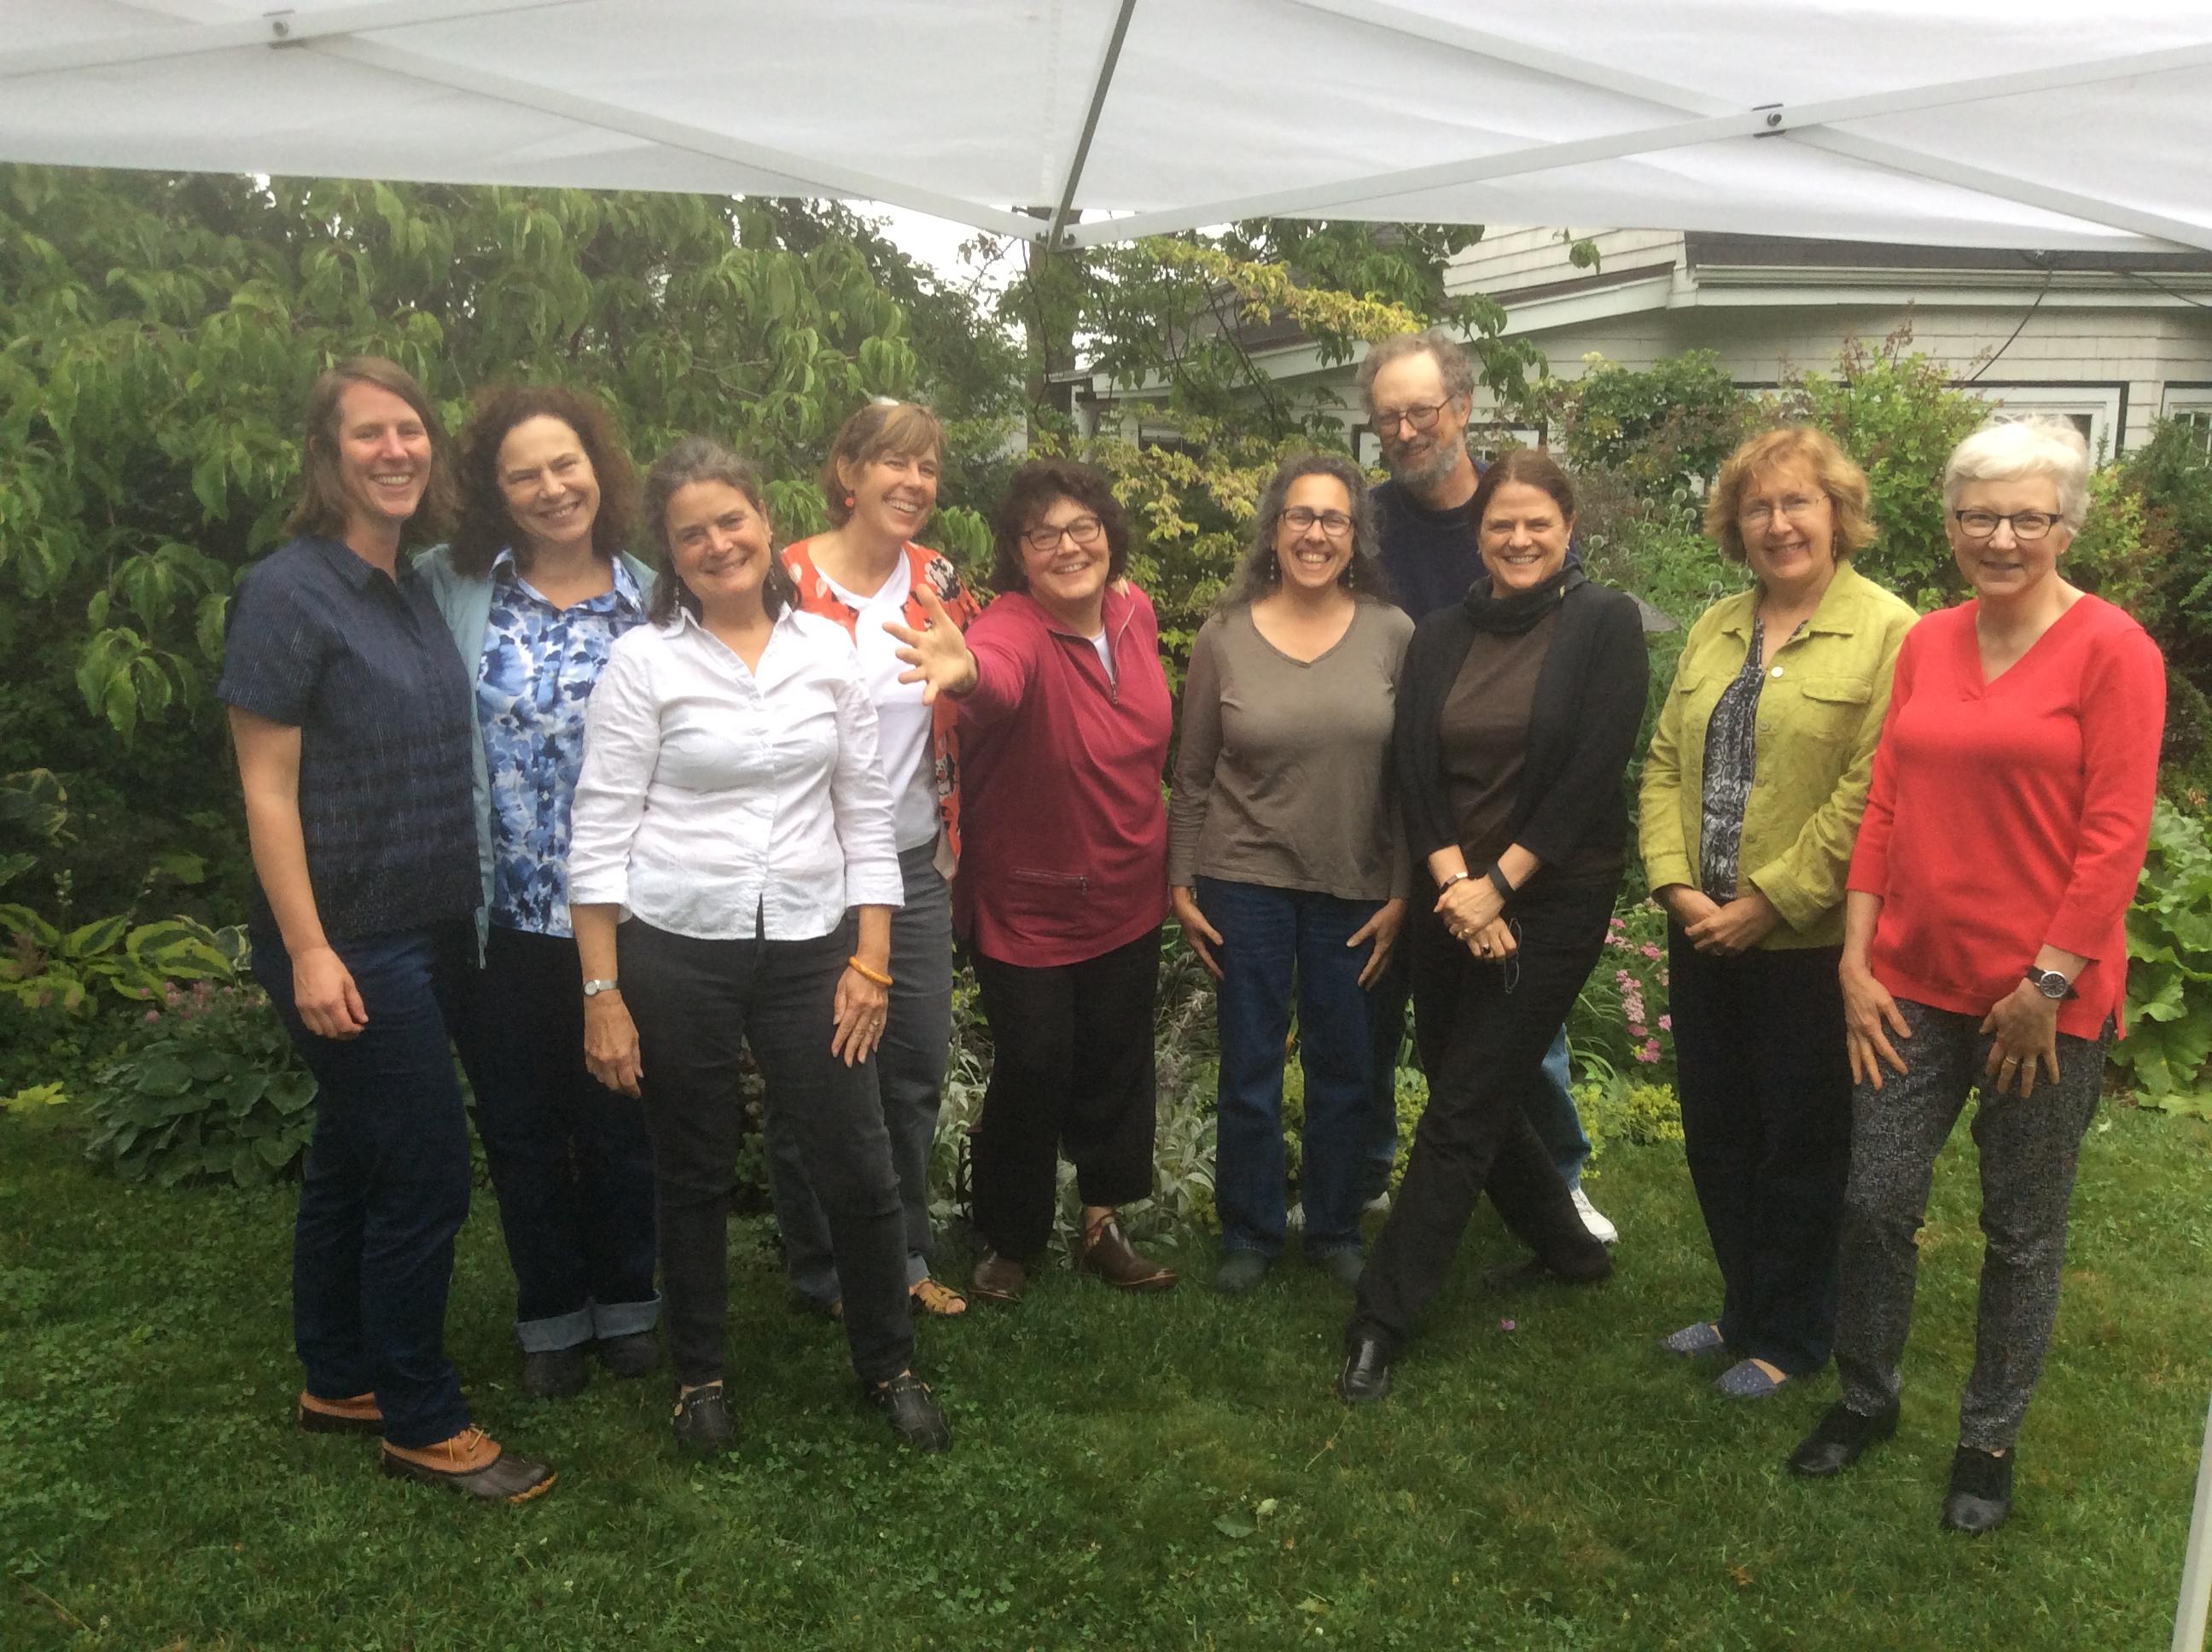 Roslindale Garden Tour Committee